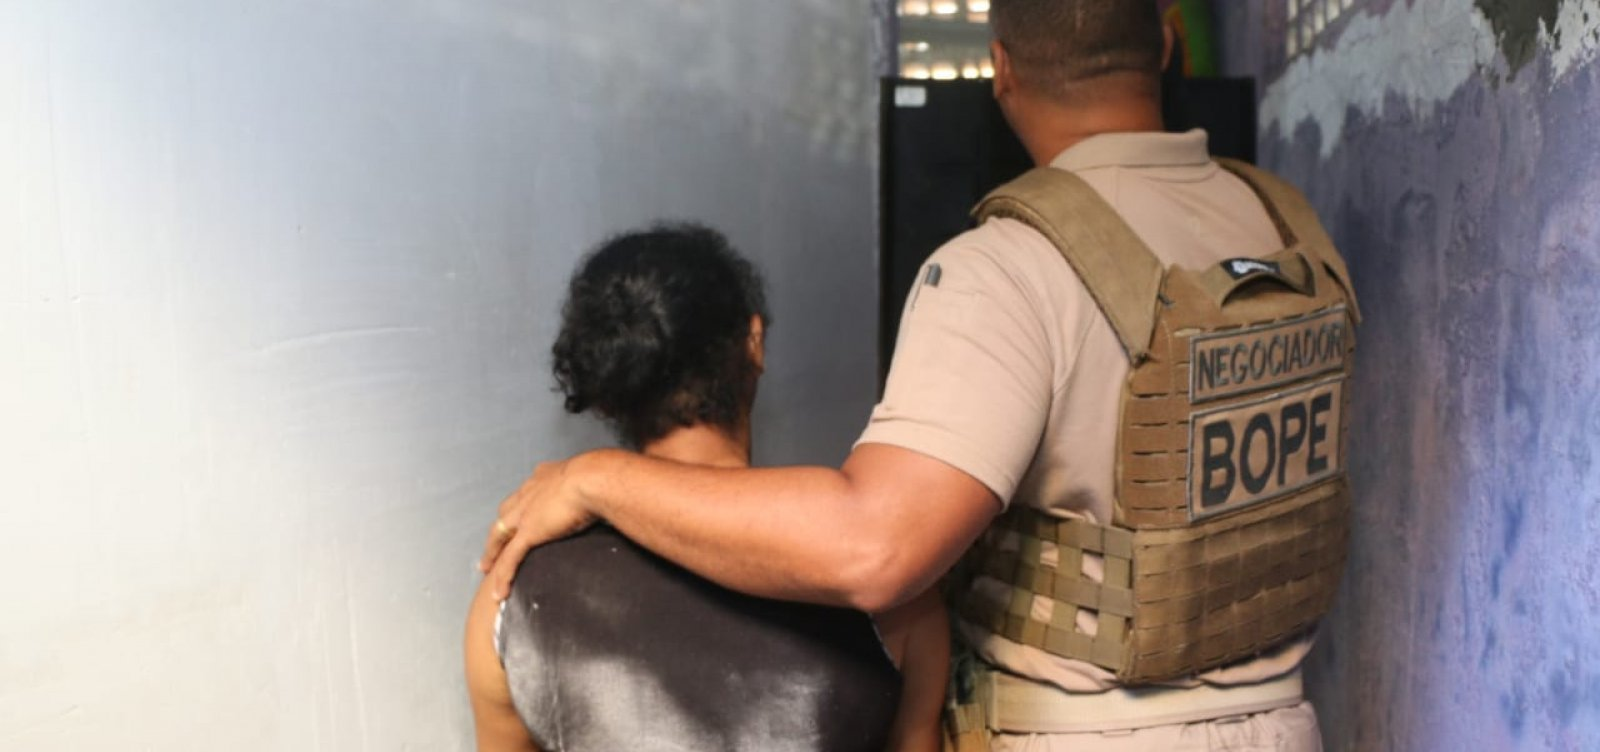 Suspeito em fuga invade casa e faz mulher refém por duas horas